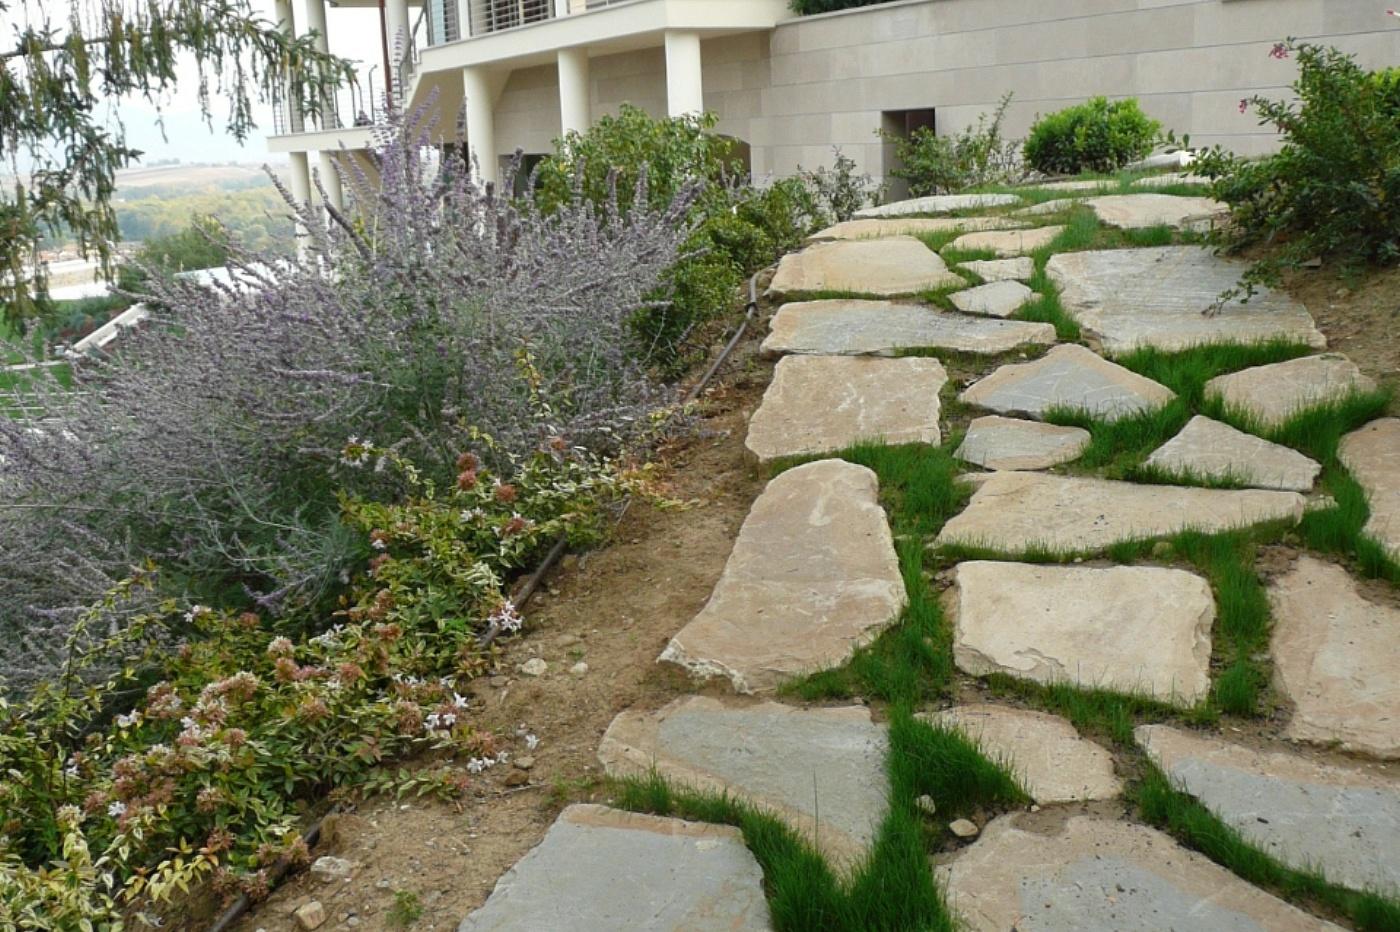 Giardino pietre frusta per impastare cemento for Pietre da giardino